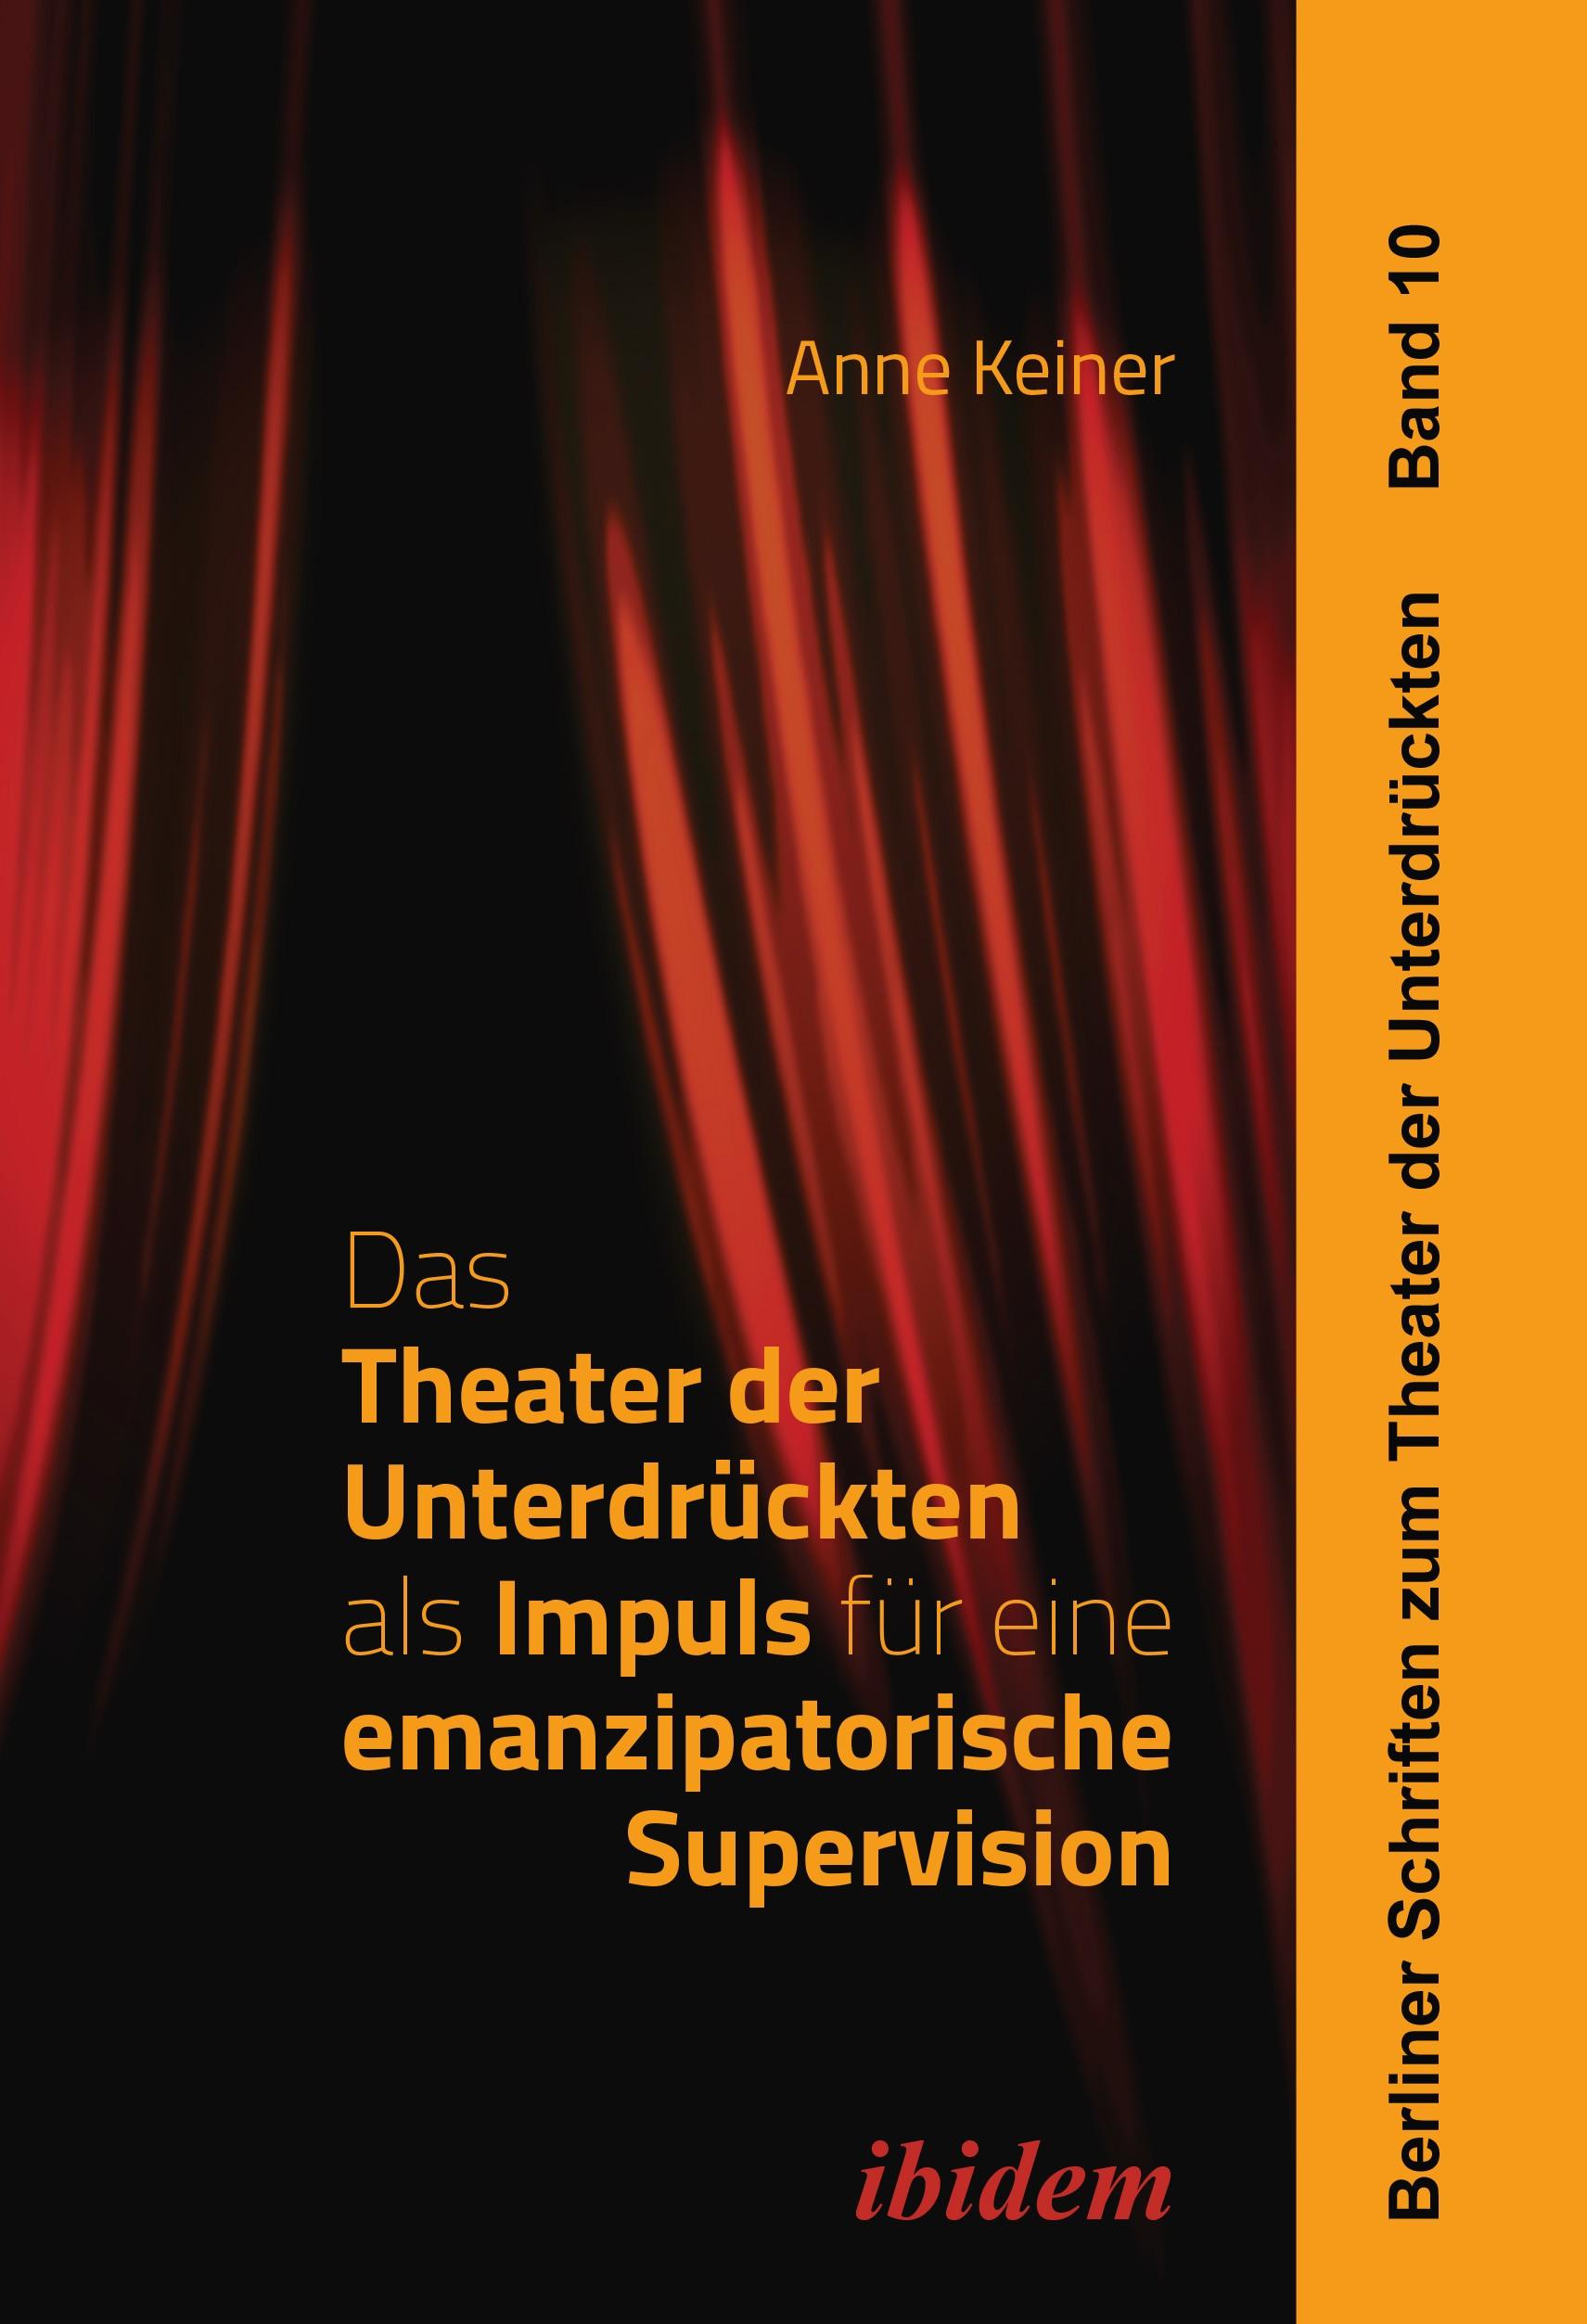 Das Theater der Unterdrückten als Impuls für eine emanzipatorische Supervision